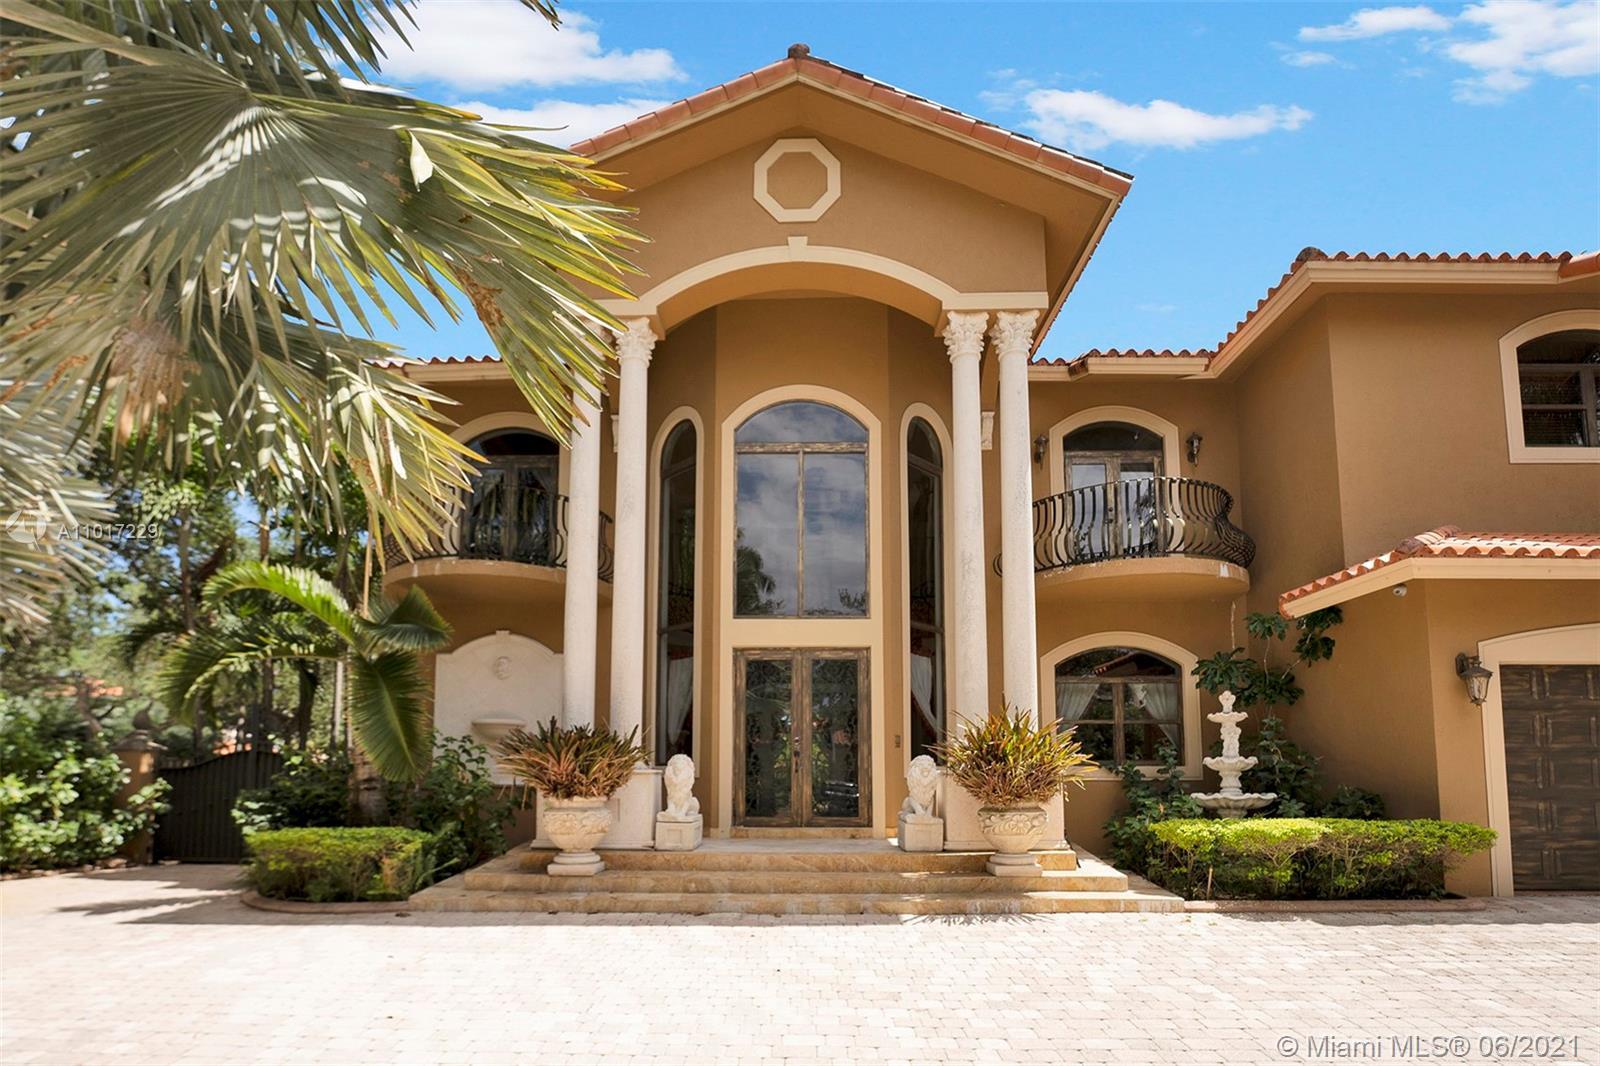 Miami Lakes - 8200 NW 163rd St, Miami Lakes, FL 33016